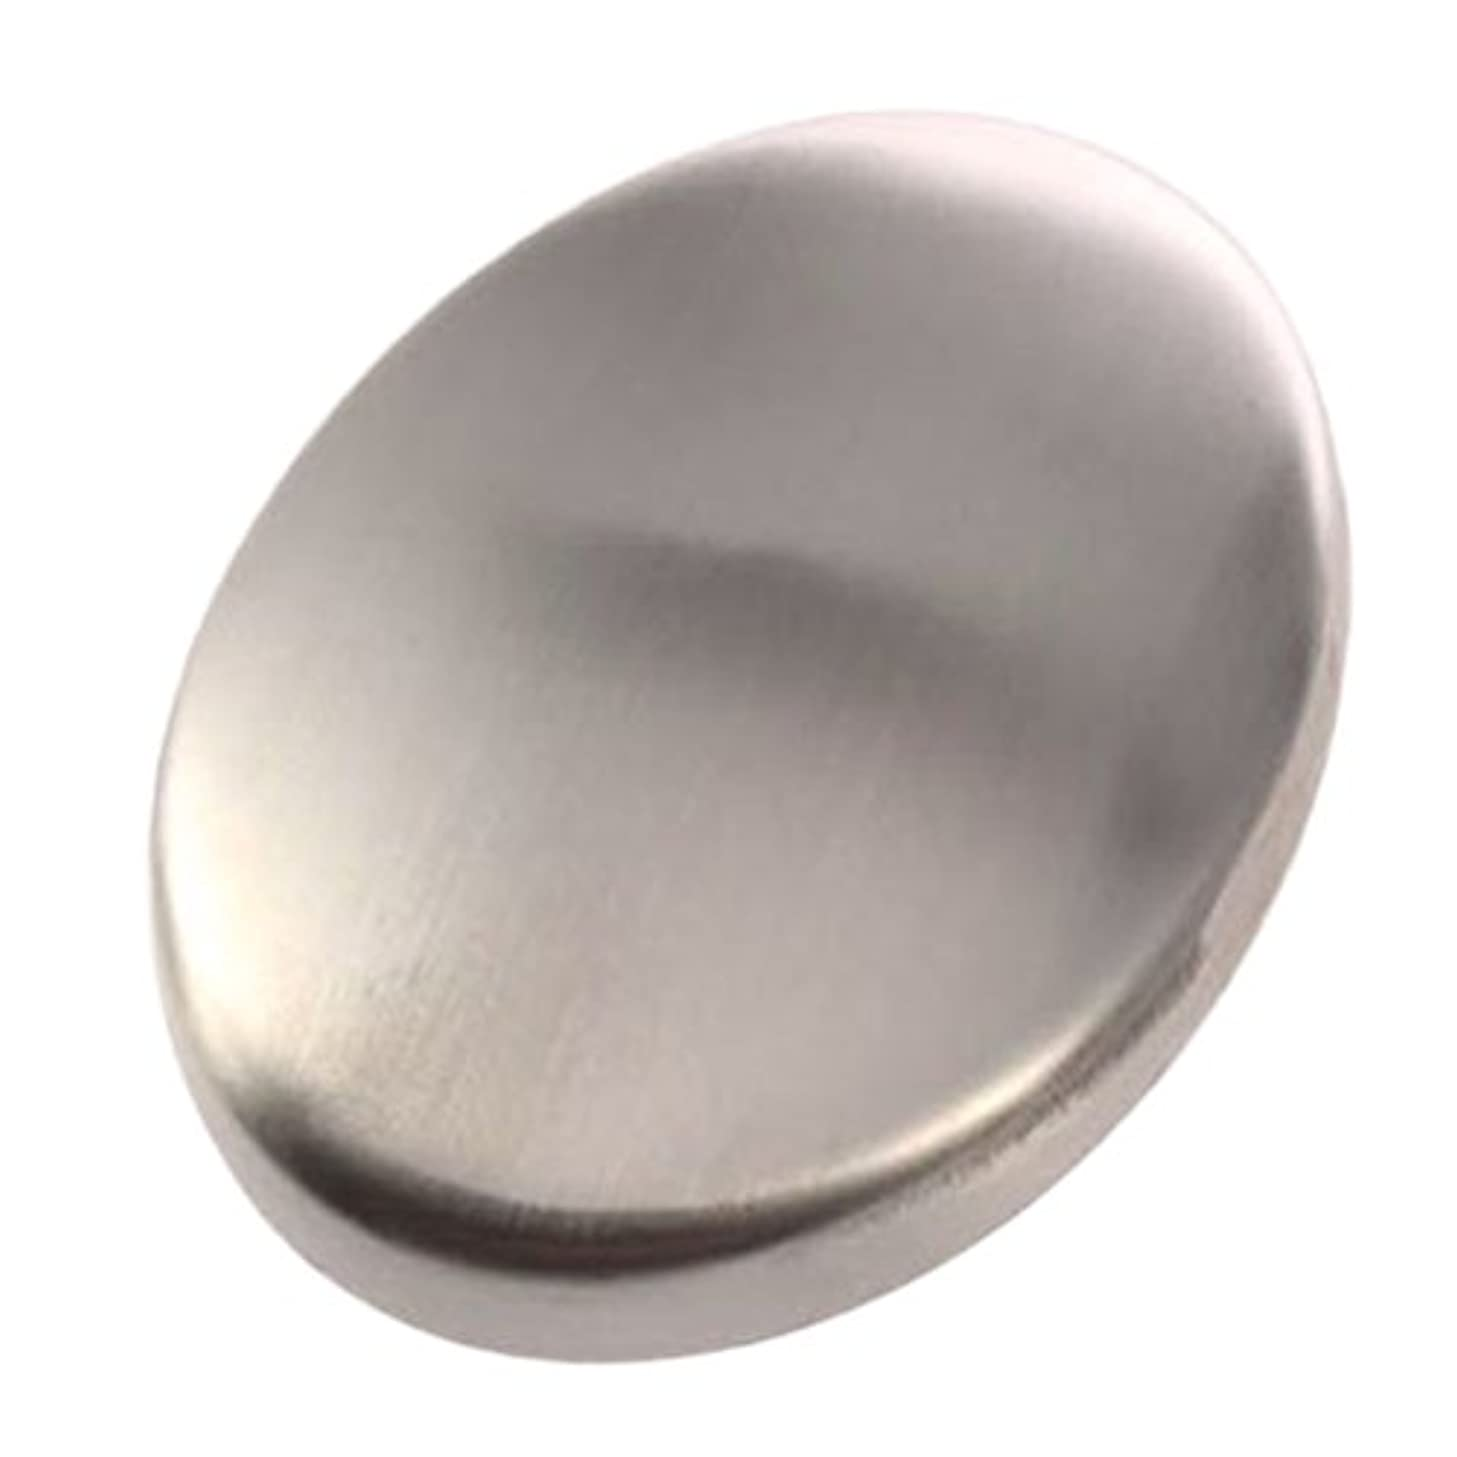 杭童謡市長Zafina ステンレスソープ 円形 においとりソープ 臭い取り ステンレス石鹸